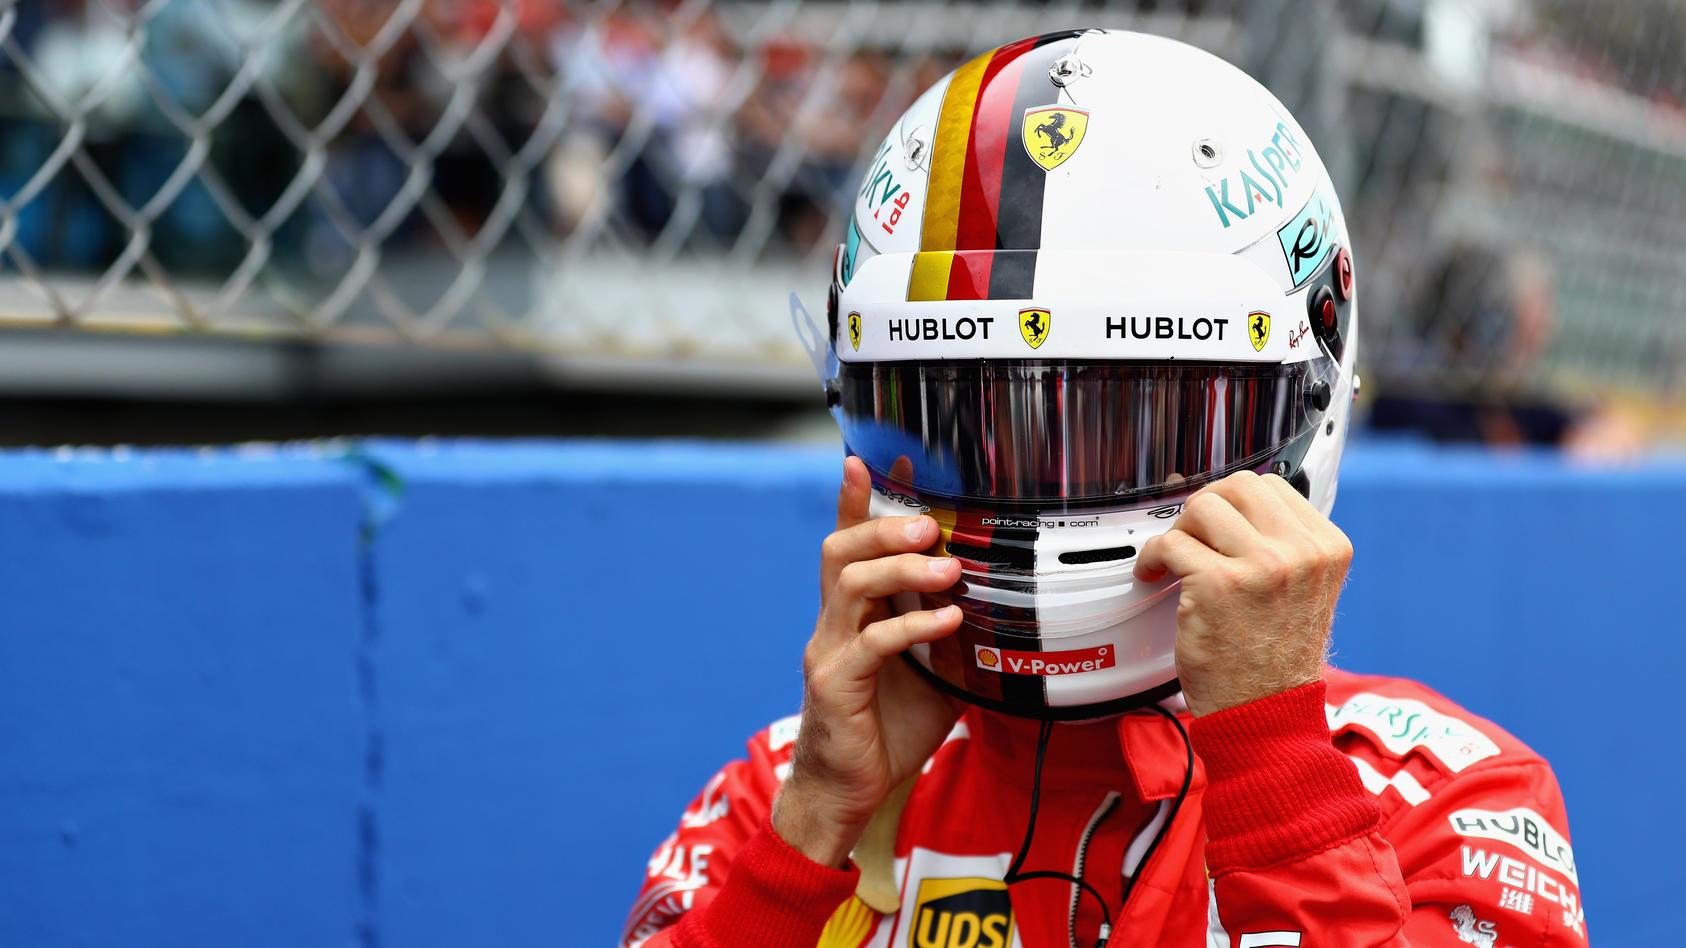 Helm auf! Nach dem Italien-Debakel prasselt jede Menge Kritik auf Sebastian Vettel und Ferrari herein